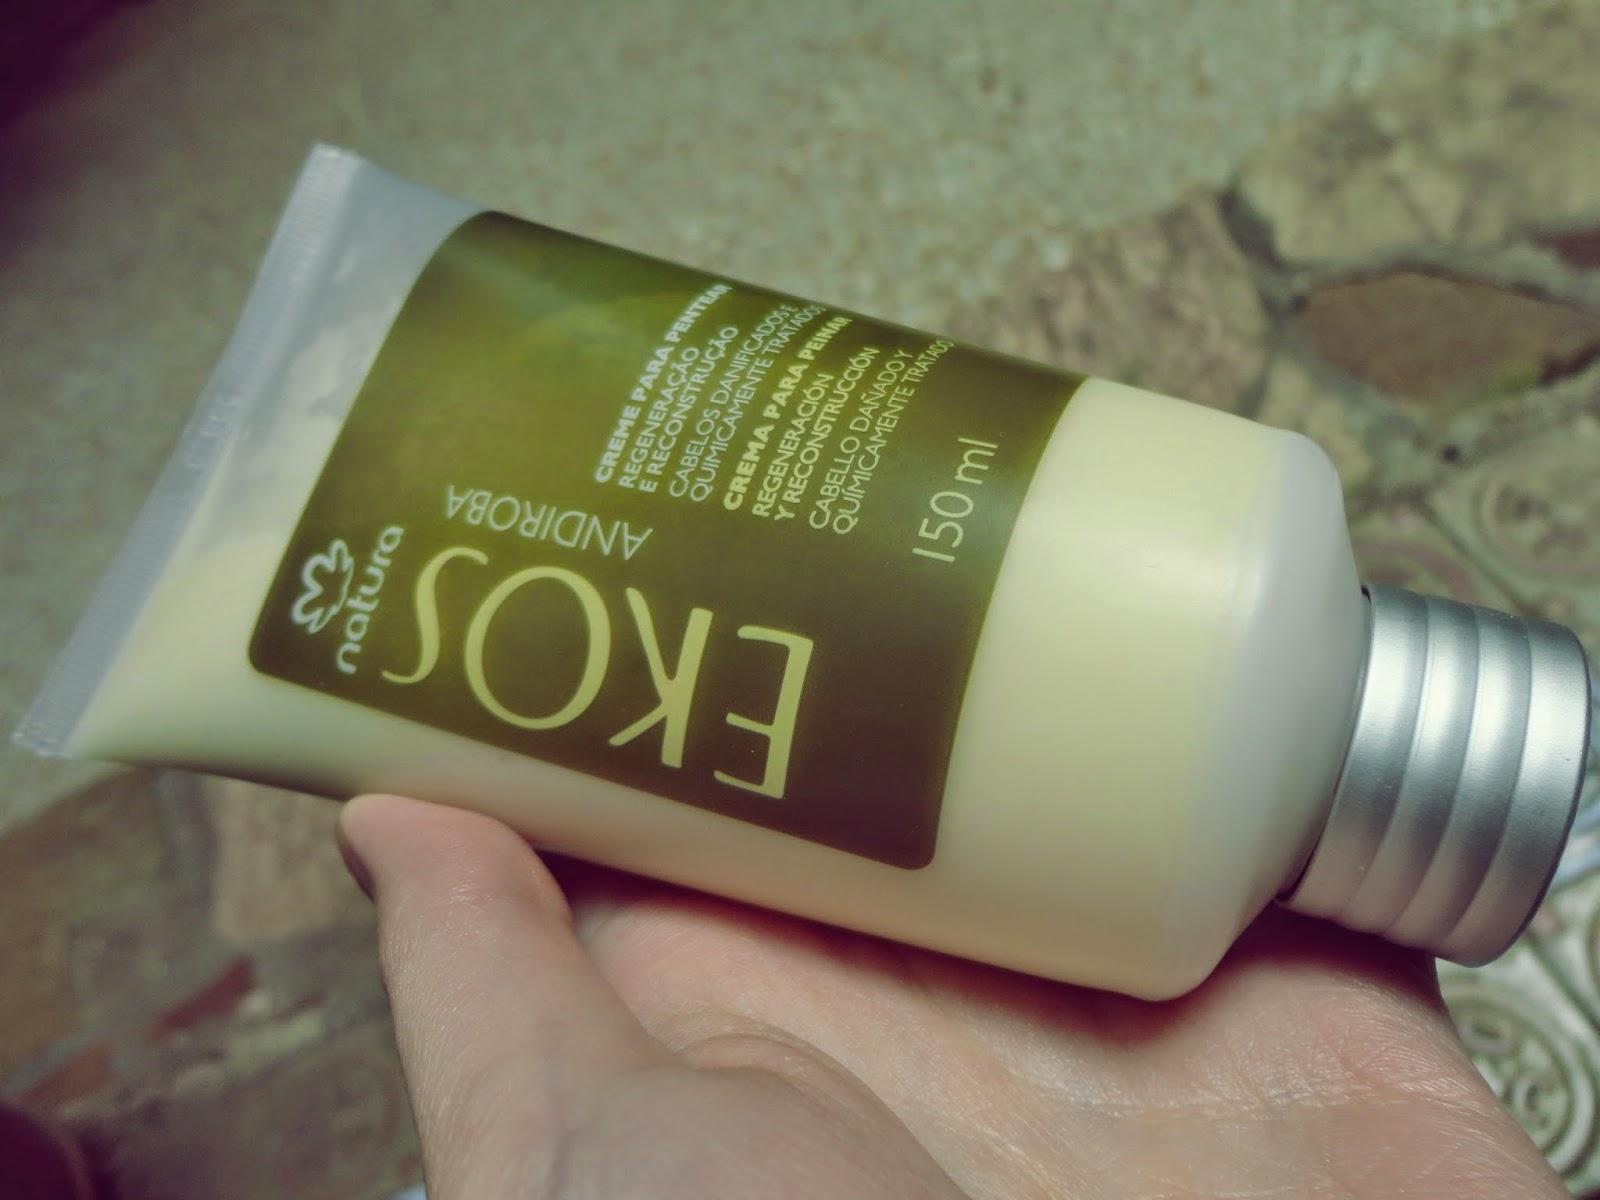 El aceite de linaza la utilidad y el daño como aceptar los cabellos